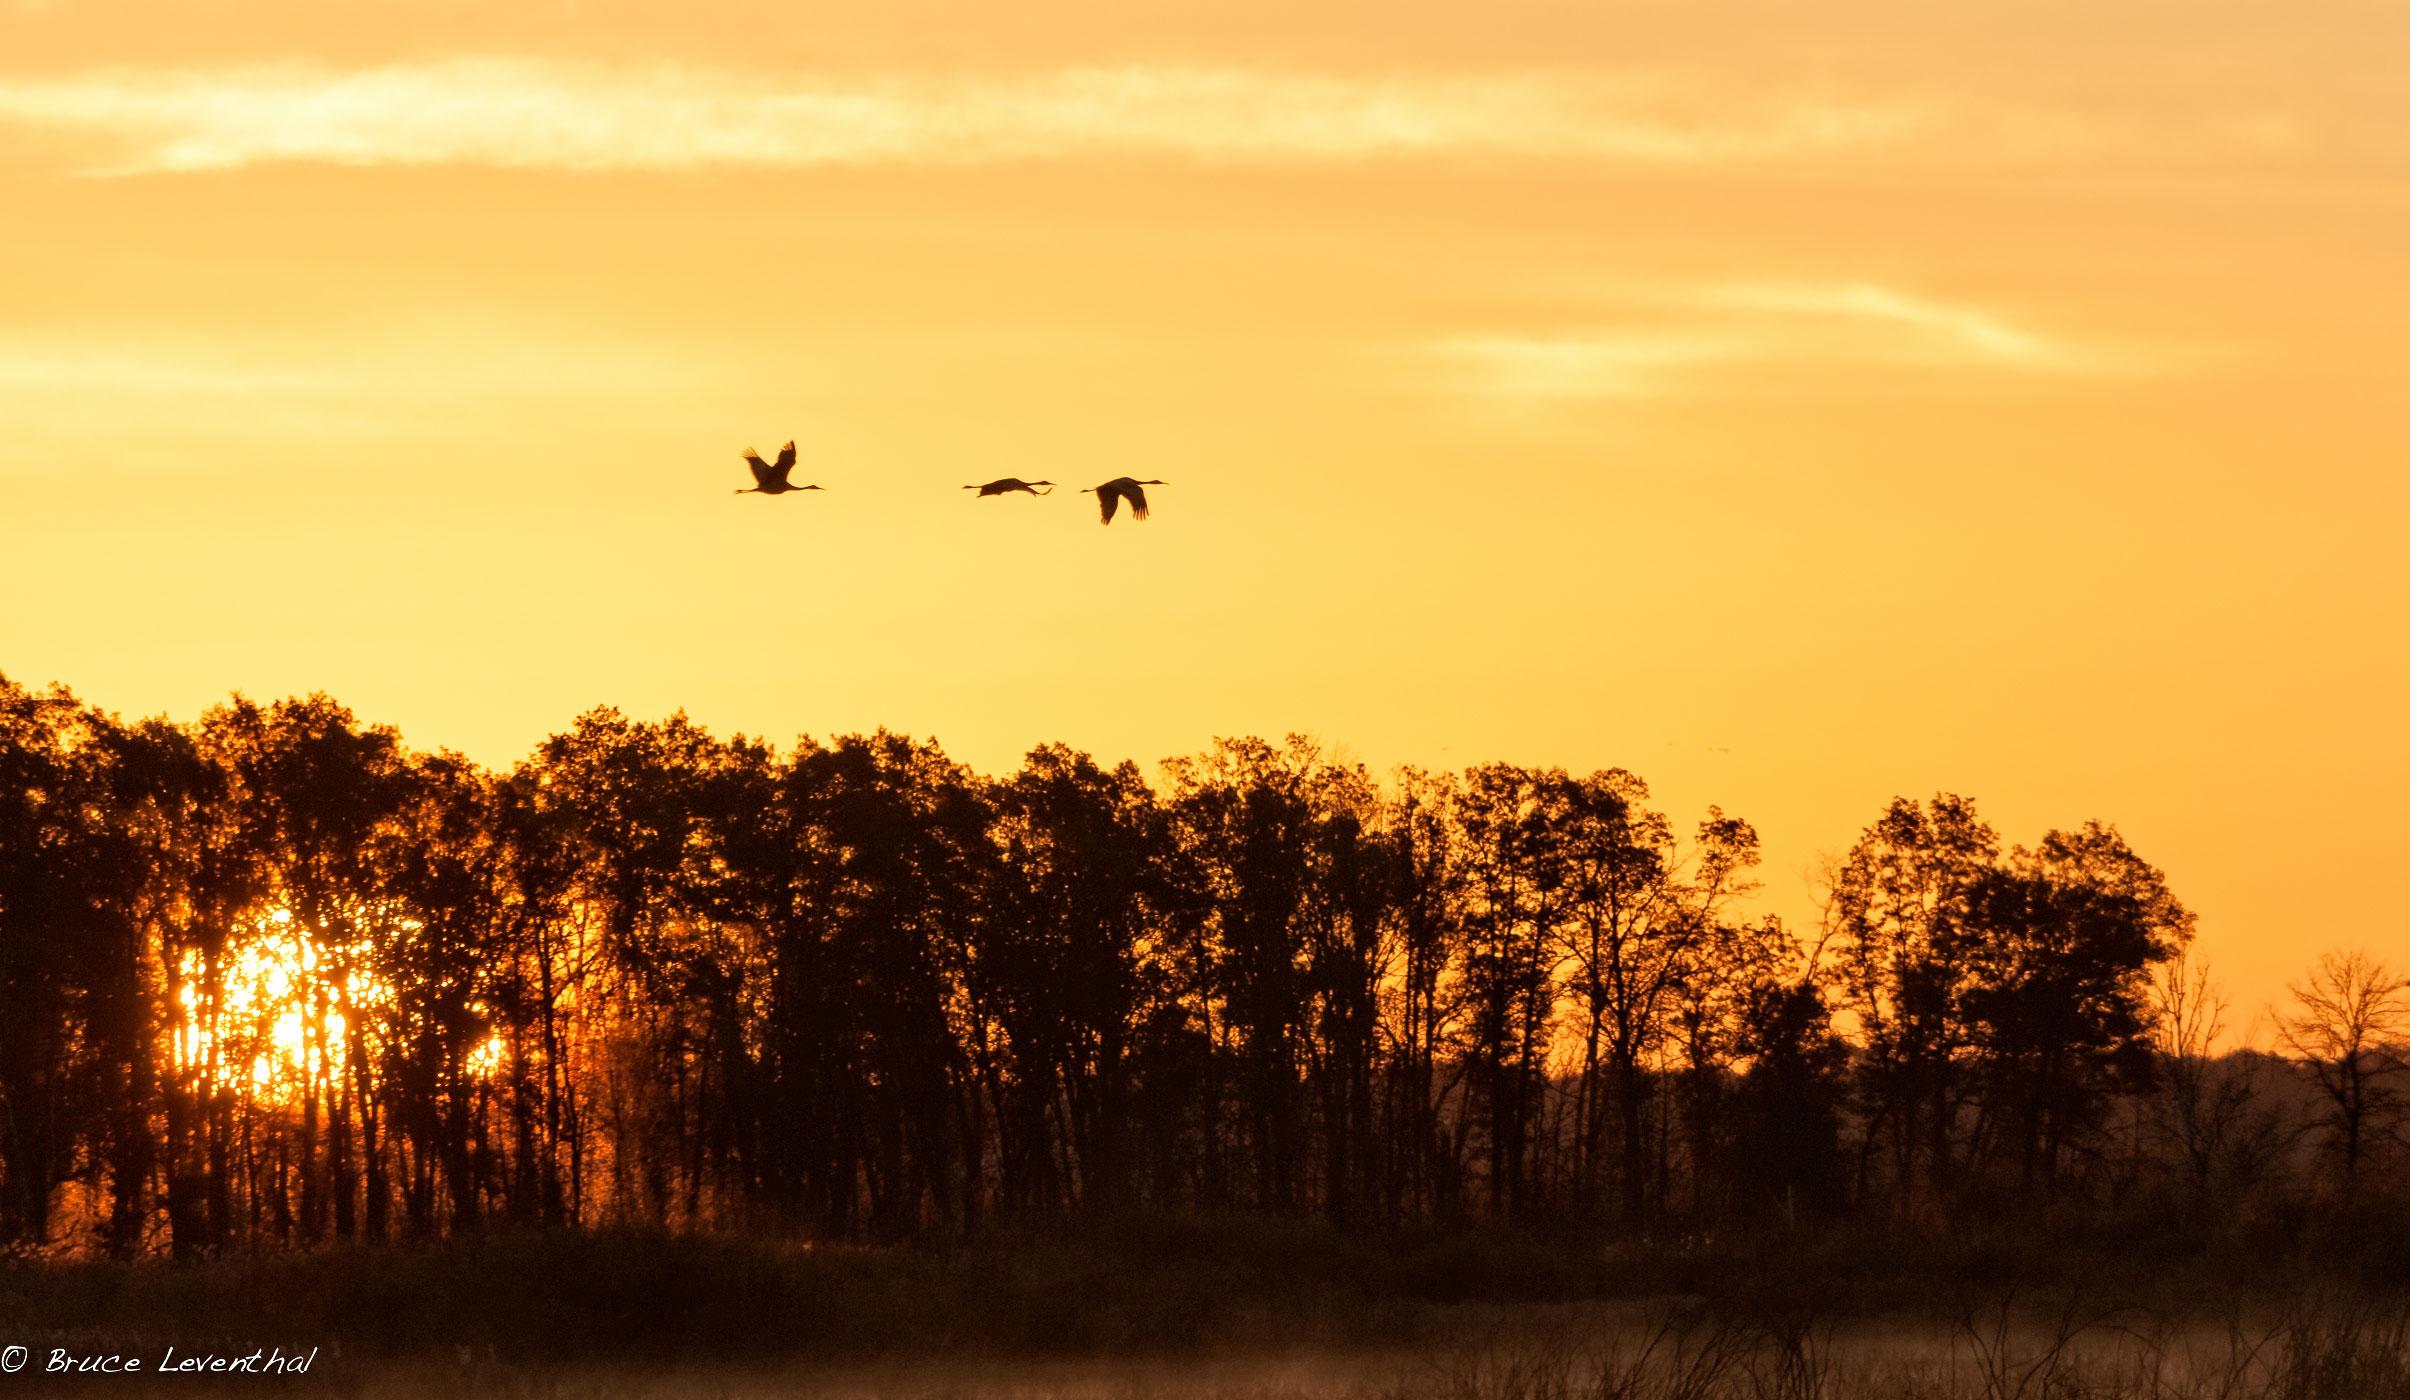 Sunrise Migrants - Crex Meadows Management Area, October 2014  Nikon D300 + Nikon 200-400mm f4.0 AFS